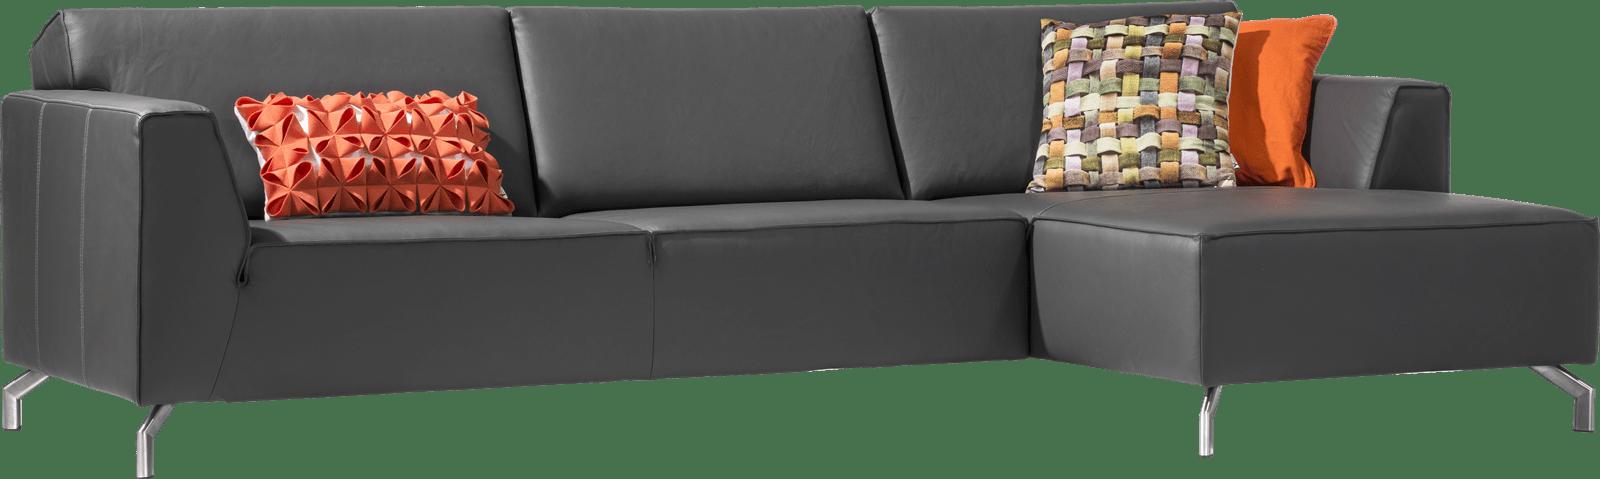 H&H - Novara - Moderne - 3-places + m ridienne droit